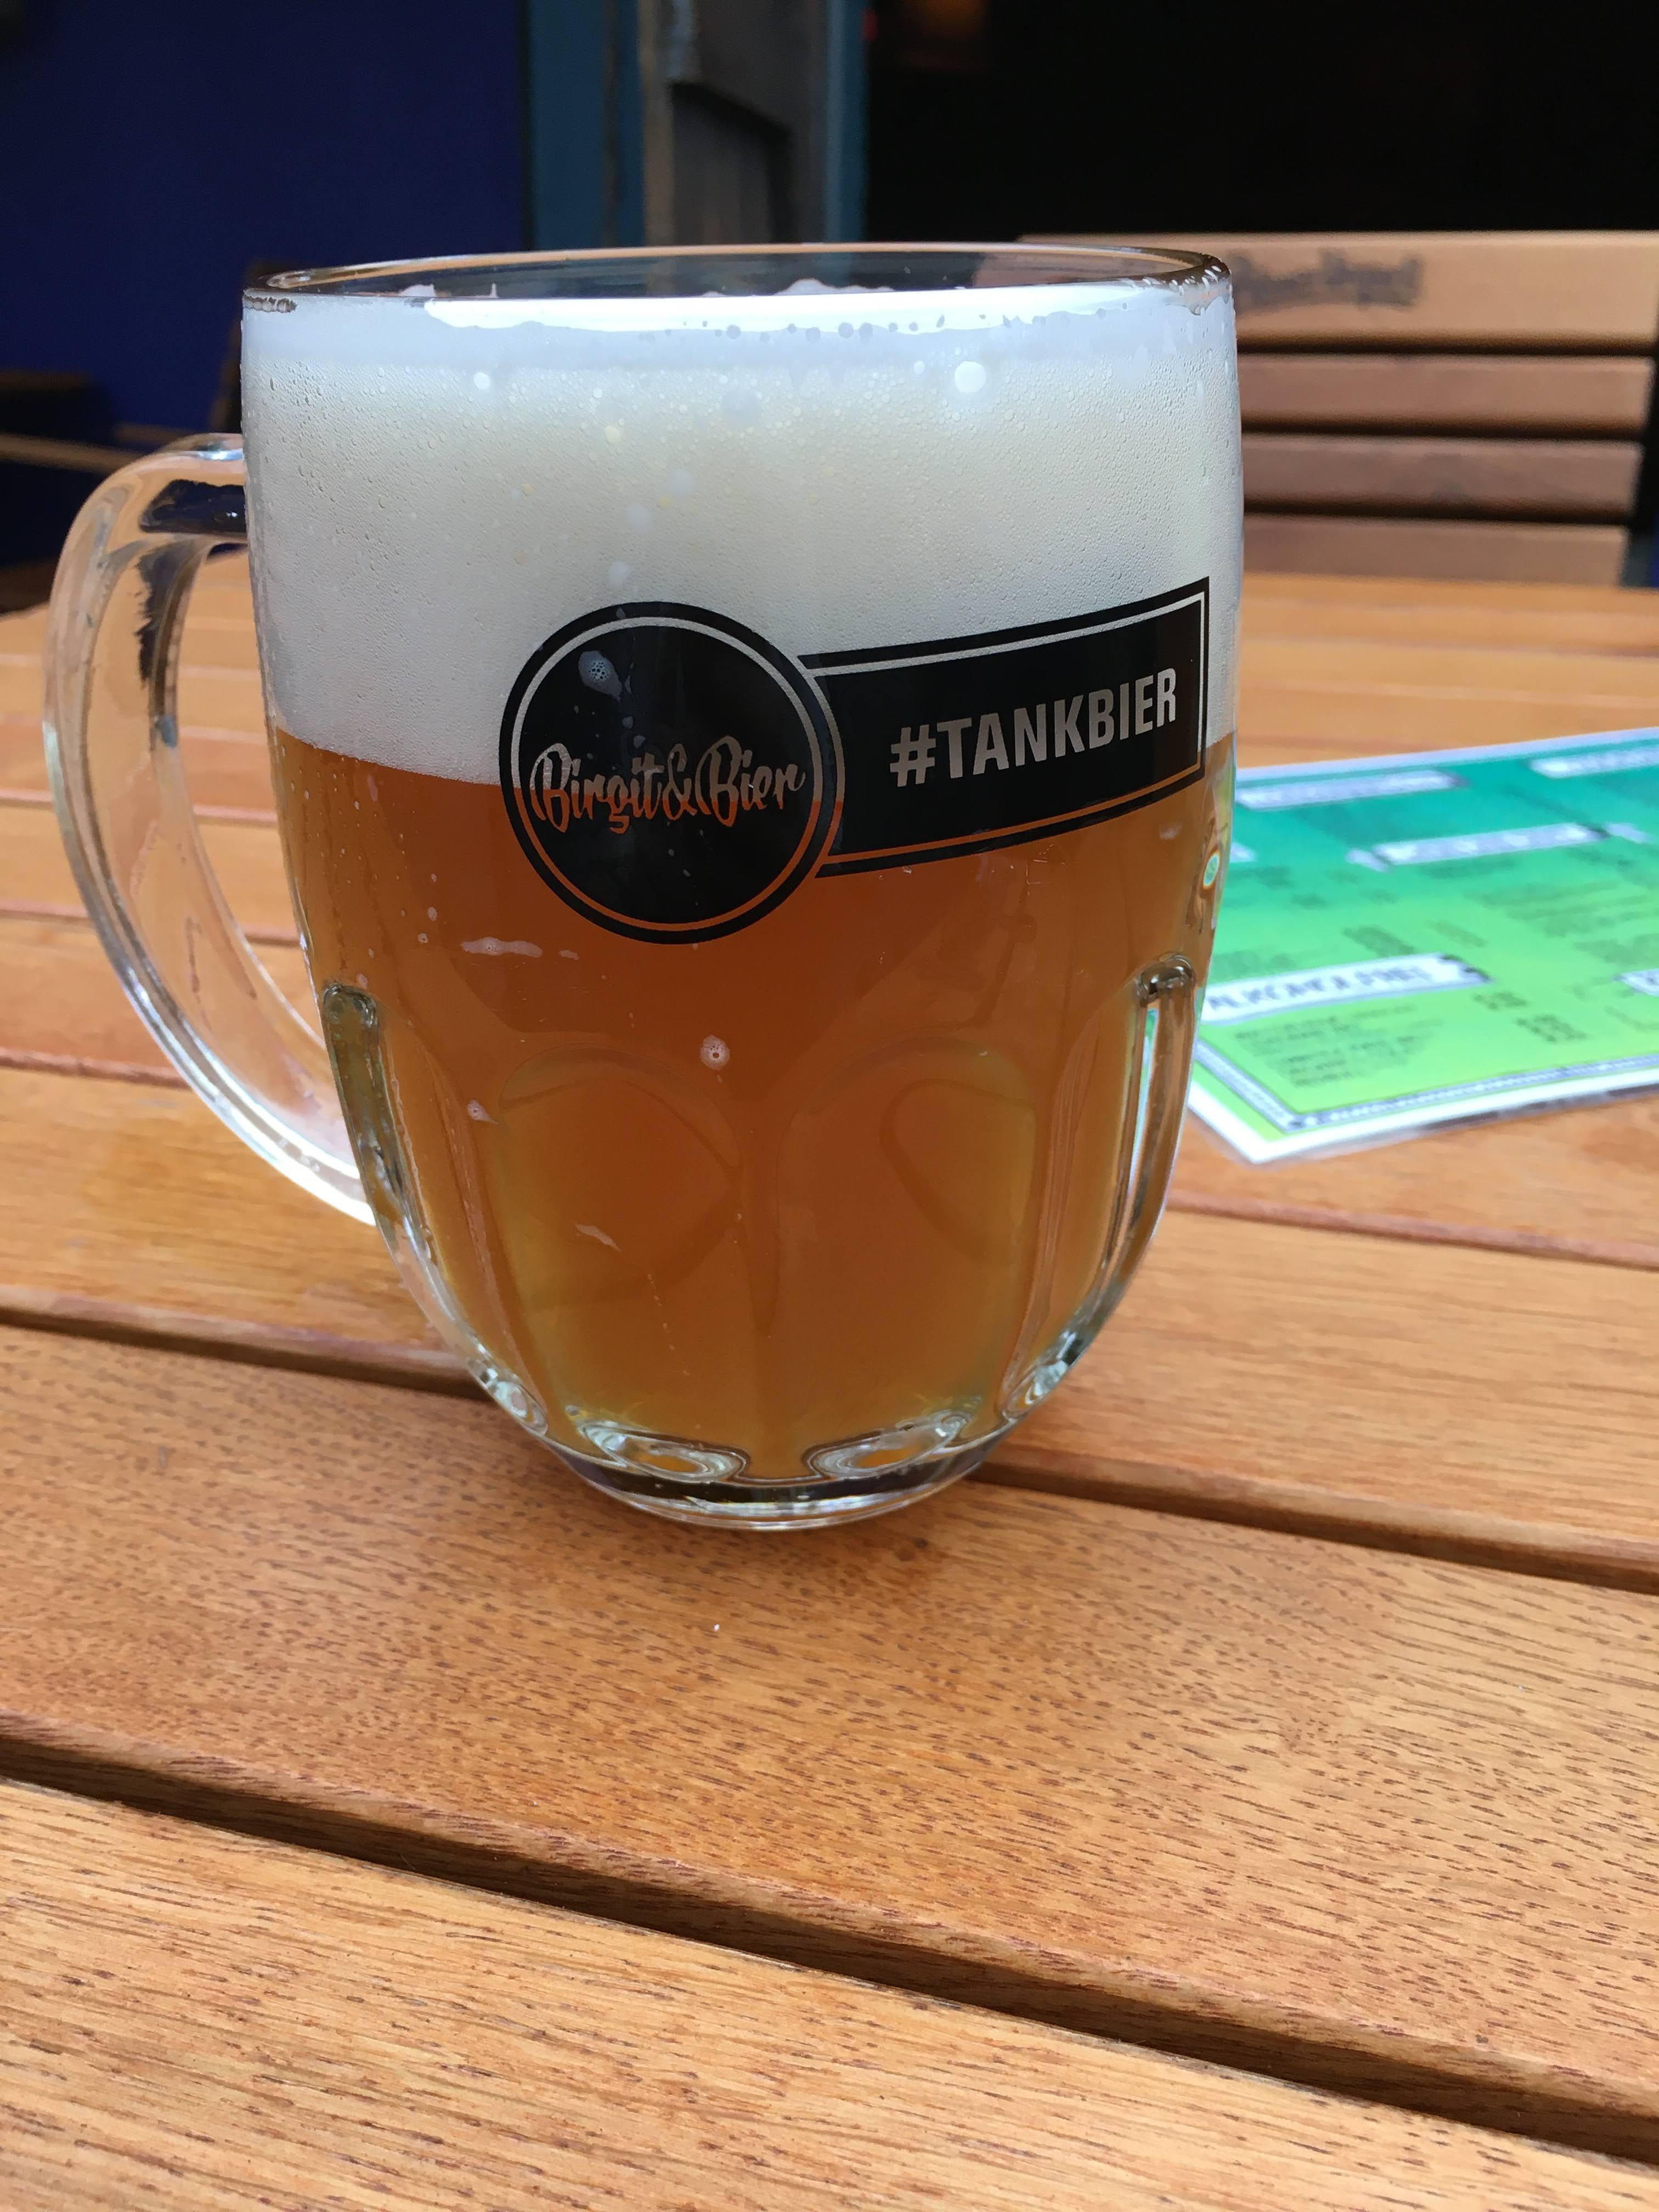 Birgit & Bier Berlin beer garden tankbier